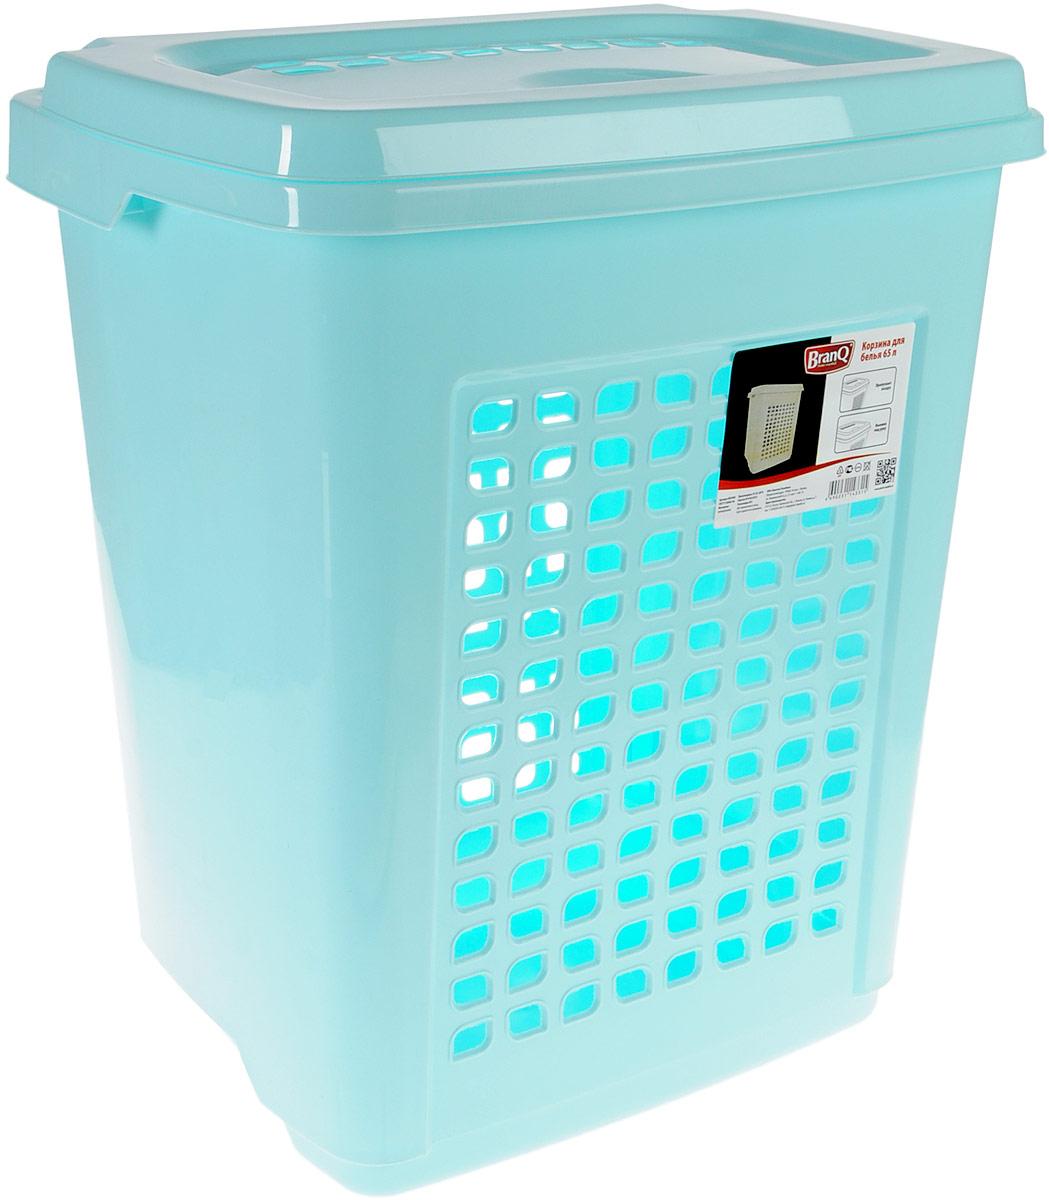 Корзина для белья BranQ, цвет: бирюзовый, 65 лBQ1694БРЗКорзина для белья BranQ изготовлена из прочного пластика и оформлена перфорированными отверстиями, благодаря которым обеспечивается естественная вентиляция. Корзина оснащена крышкой, на которой имеется выемка для удобного открывания. Такая корзина для белья прекрасно впишется в интерьер ванной комнаты.